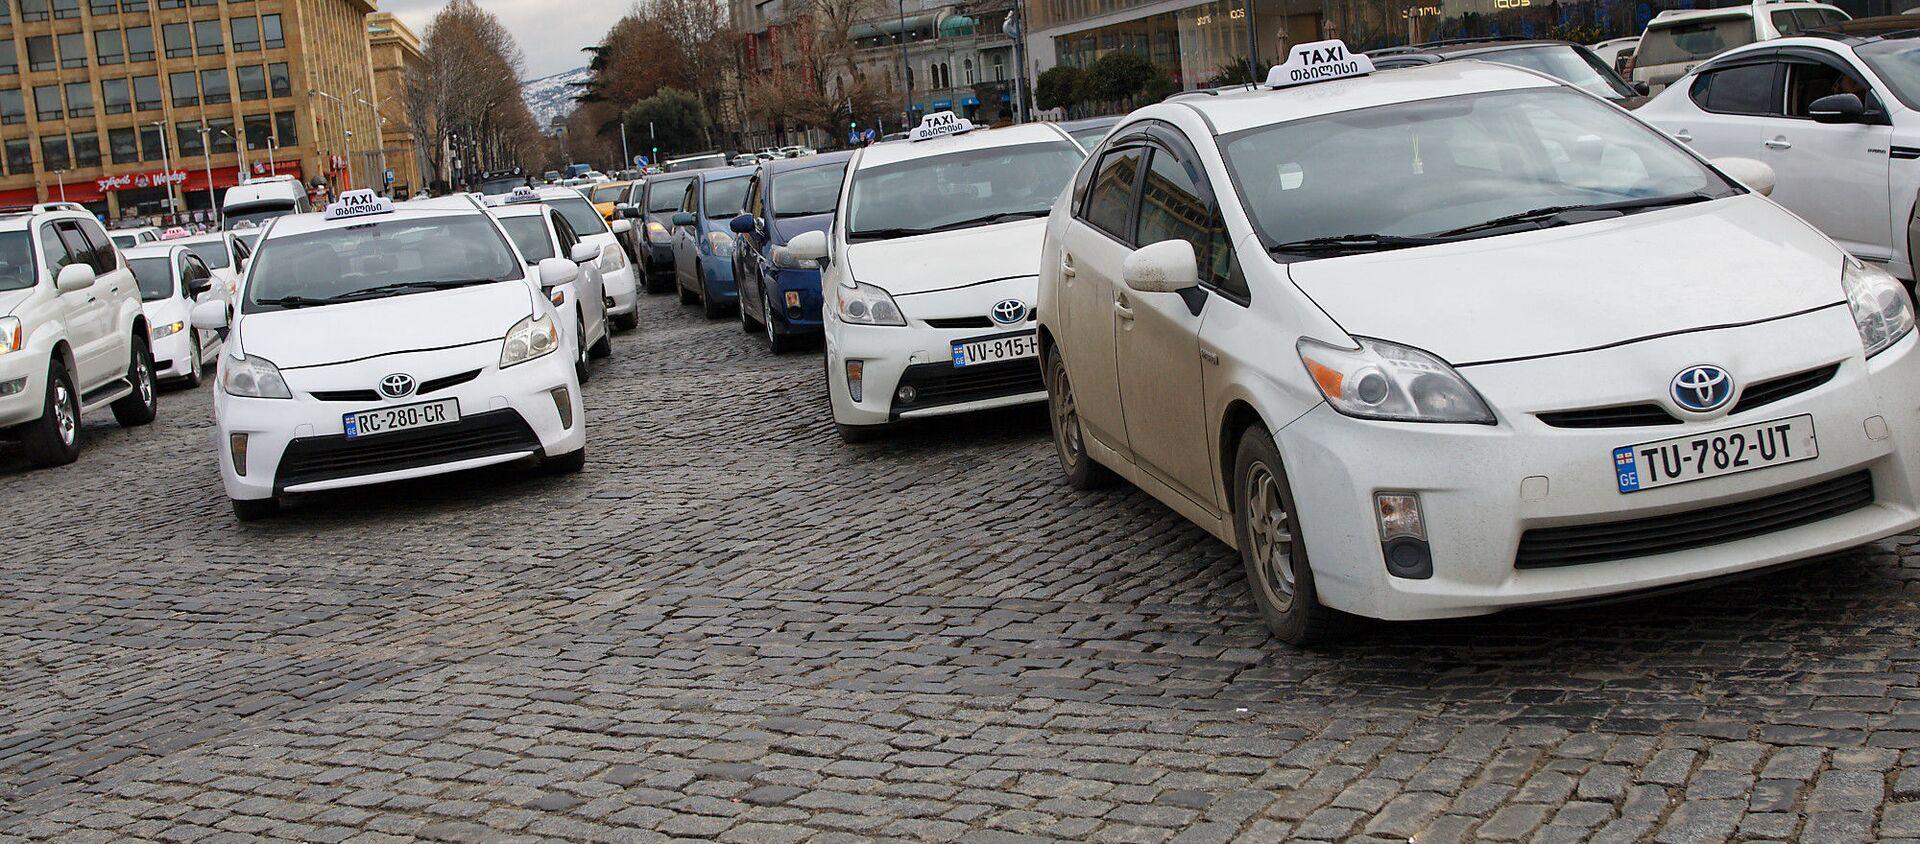 Акция протеста водителей-частников и таксистов против повышения цен на топливо - Sputnik Грузия, 1920, 28.02.2021